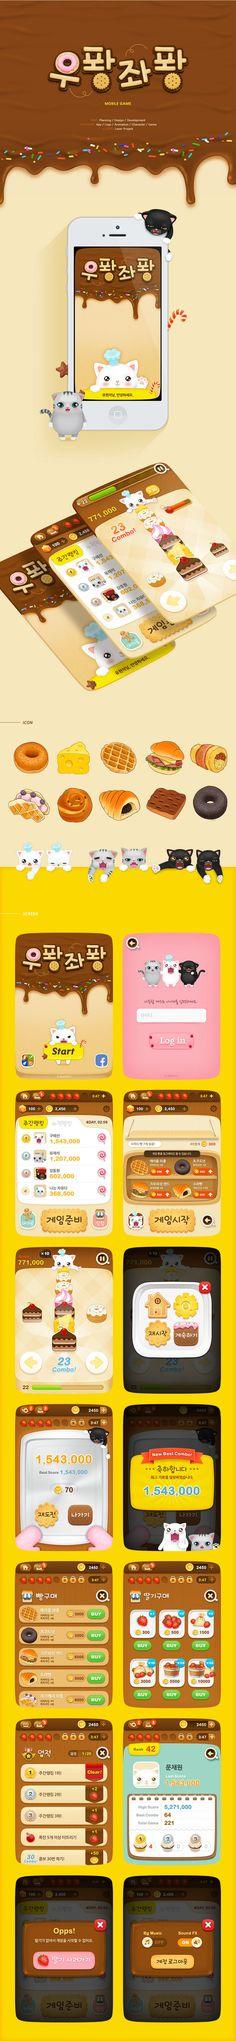 FhangFhang App |GAME...